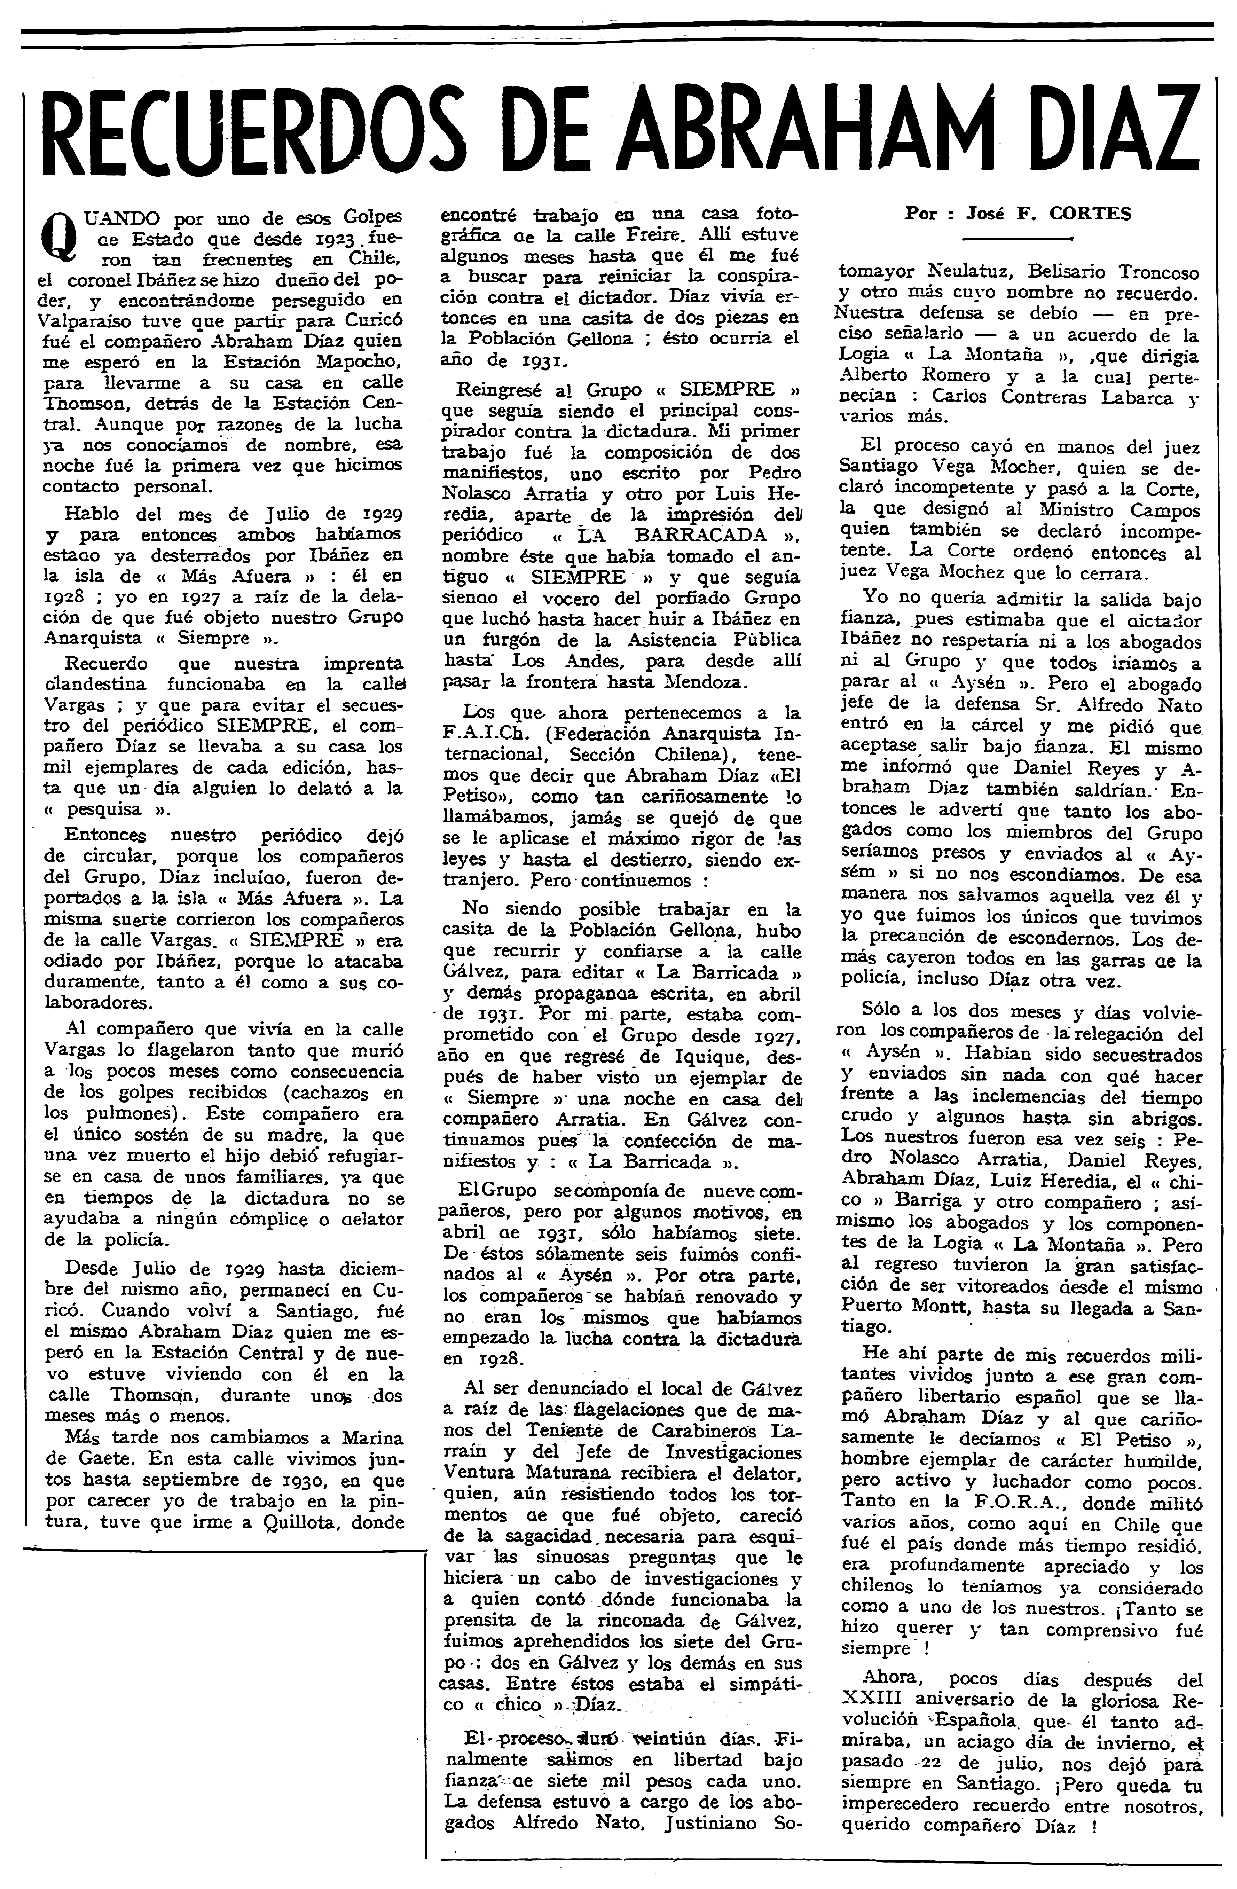 """Necrològica d'Abraham Díaz Tendero apareguda en el periòdic tolosà """"CNT"""" del 30 d'agost de 1959"""